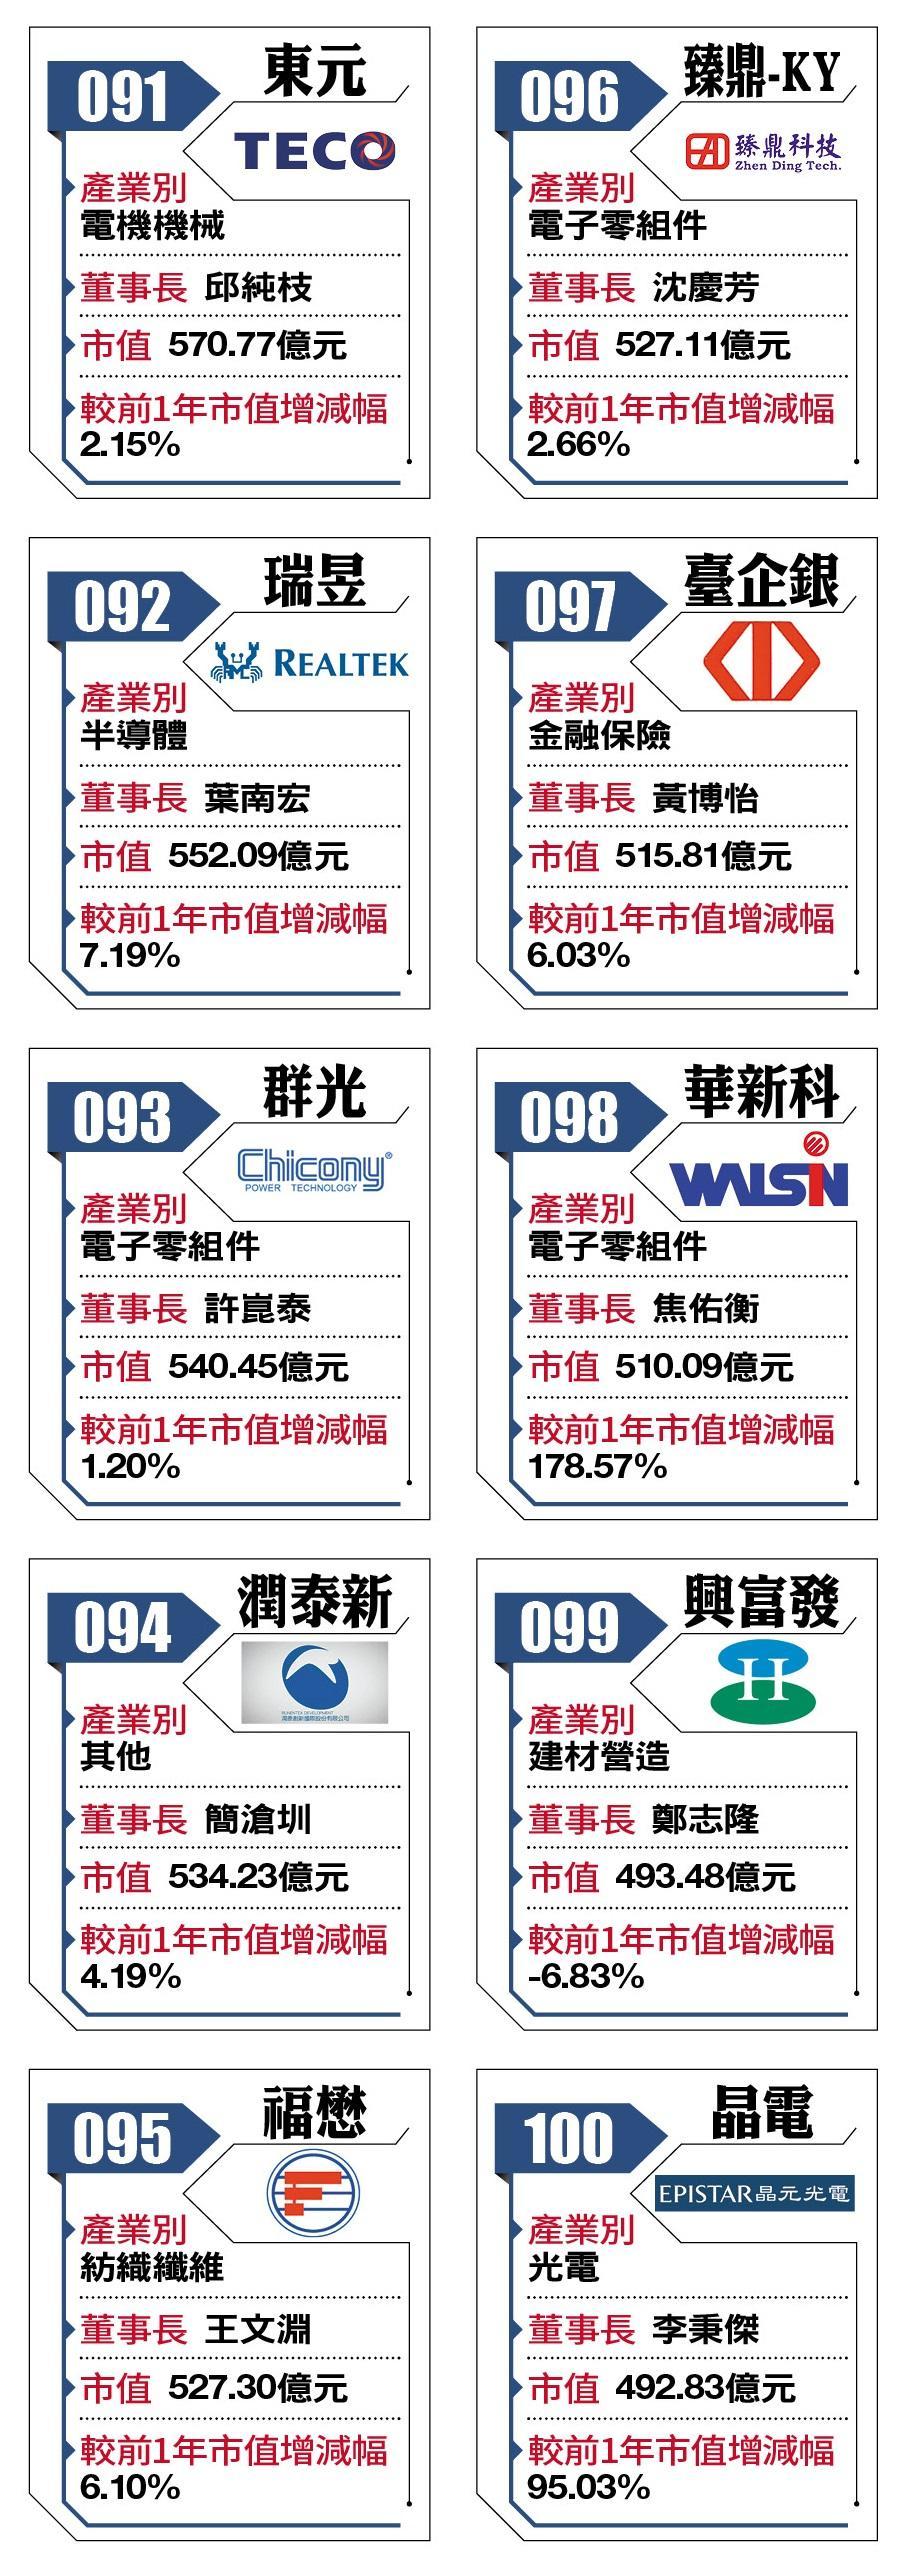 2018台灣百強企業91-100